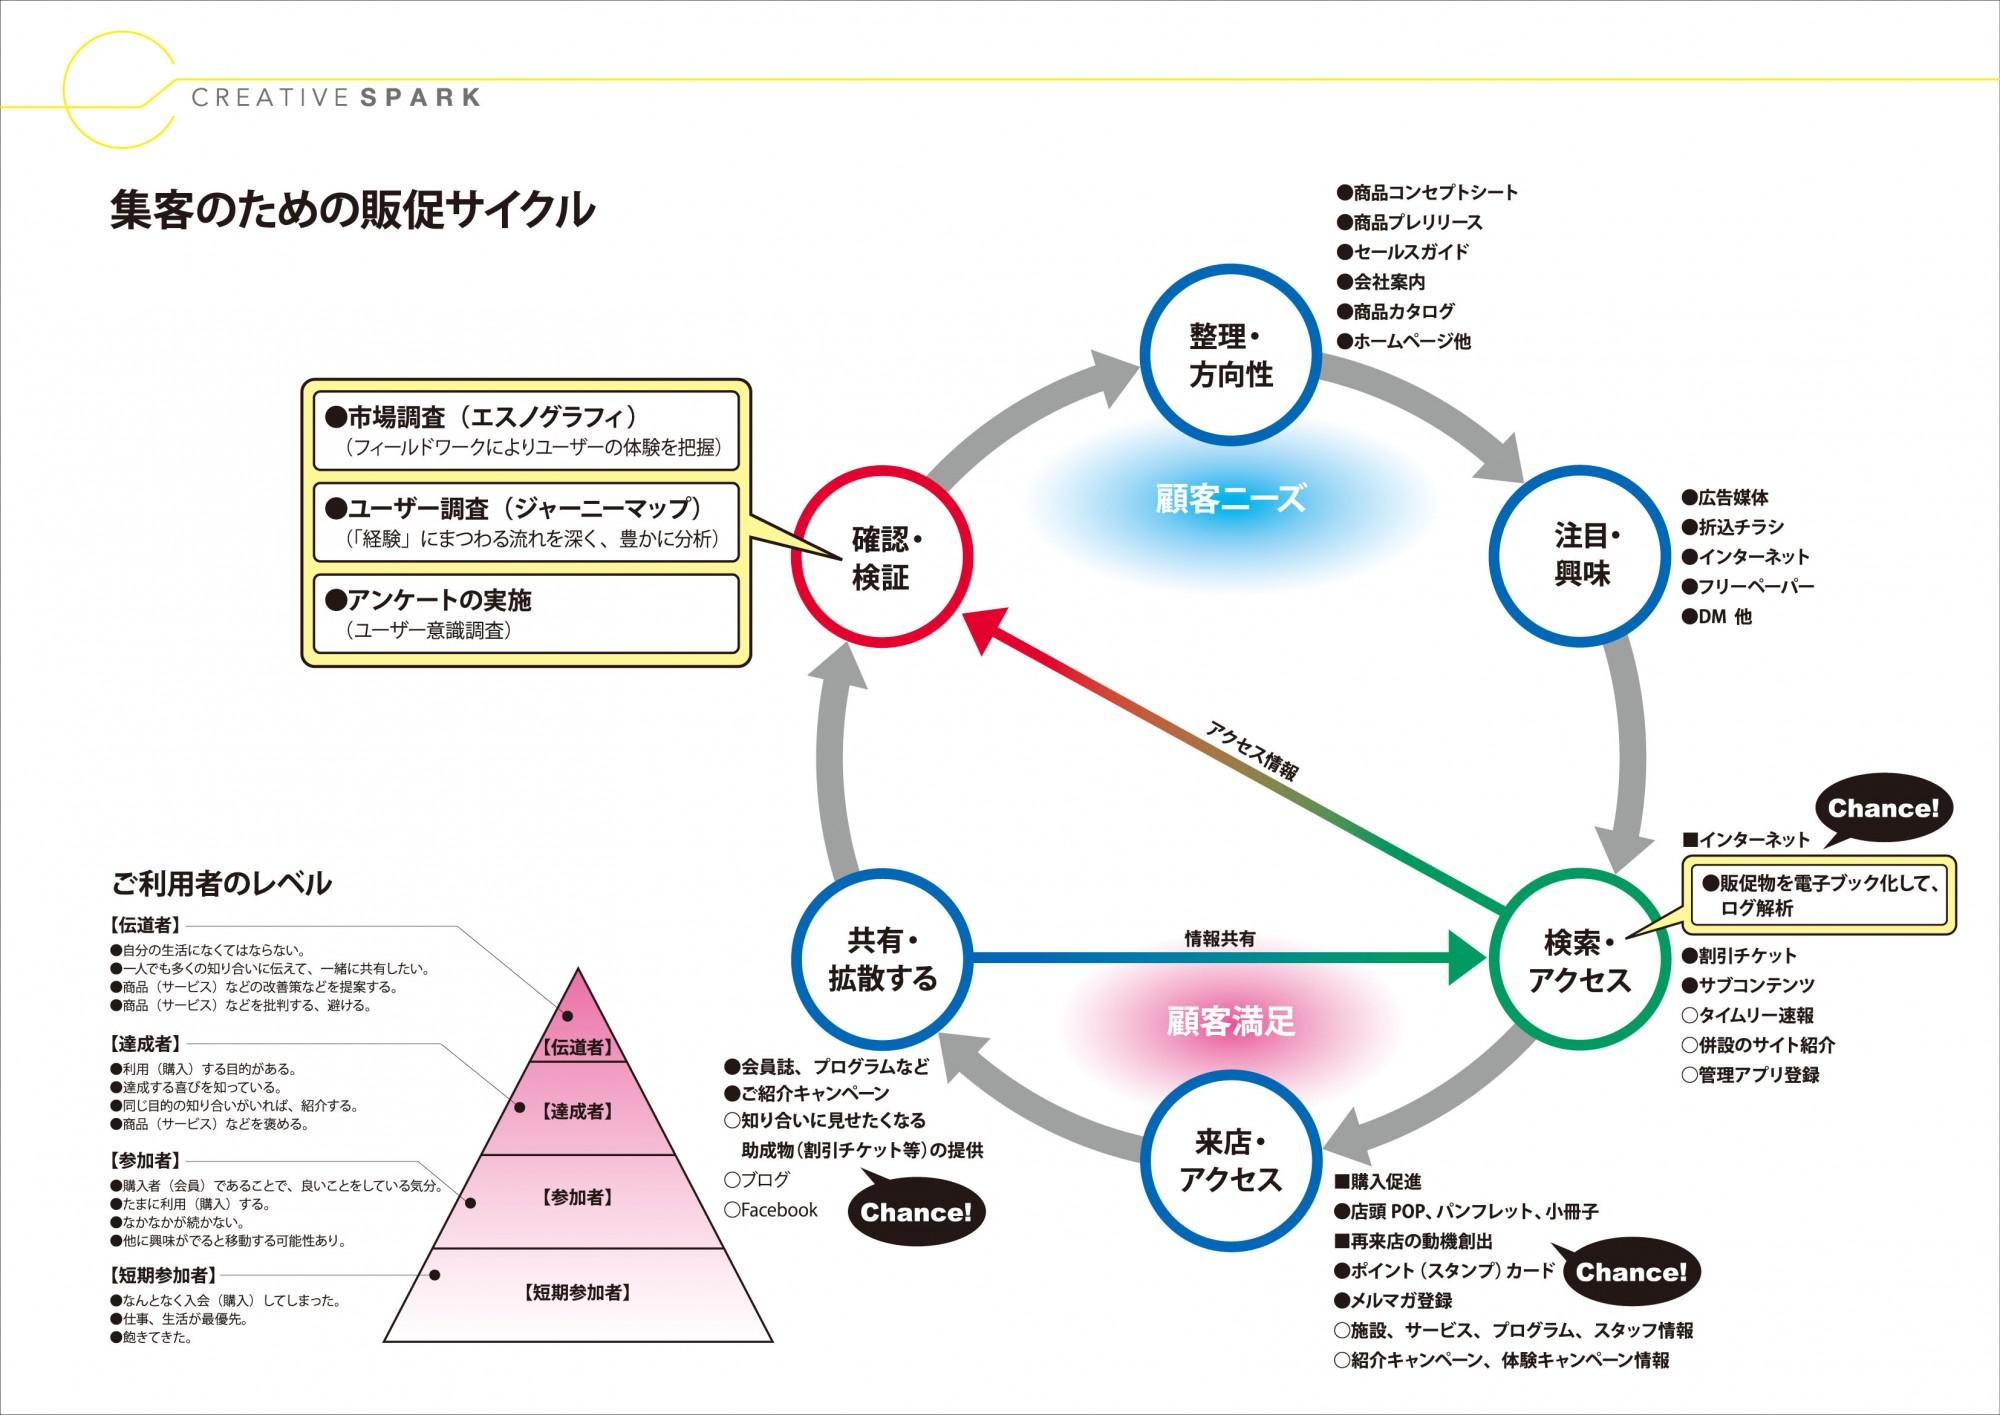 ターゲットはHPにアップされているPDF。 「デジタルカタログで閲覧者のニーズを視覚化します。」